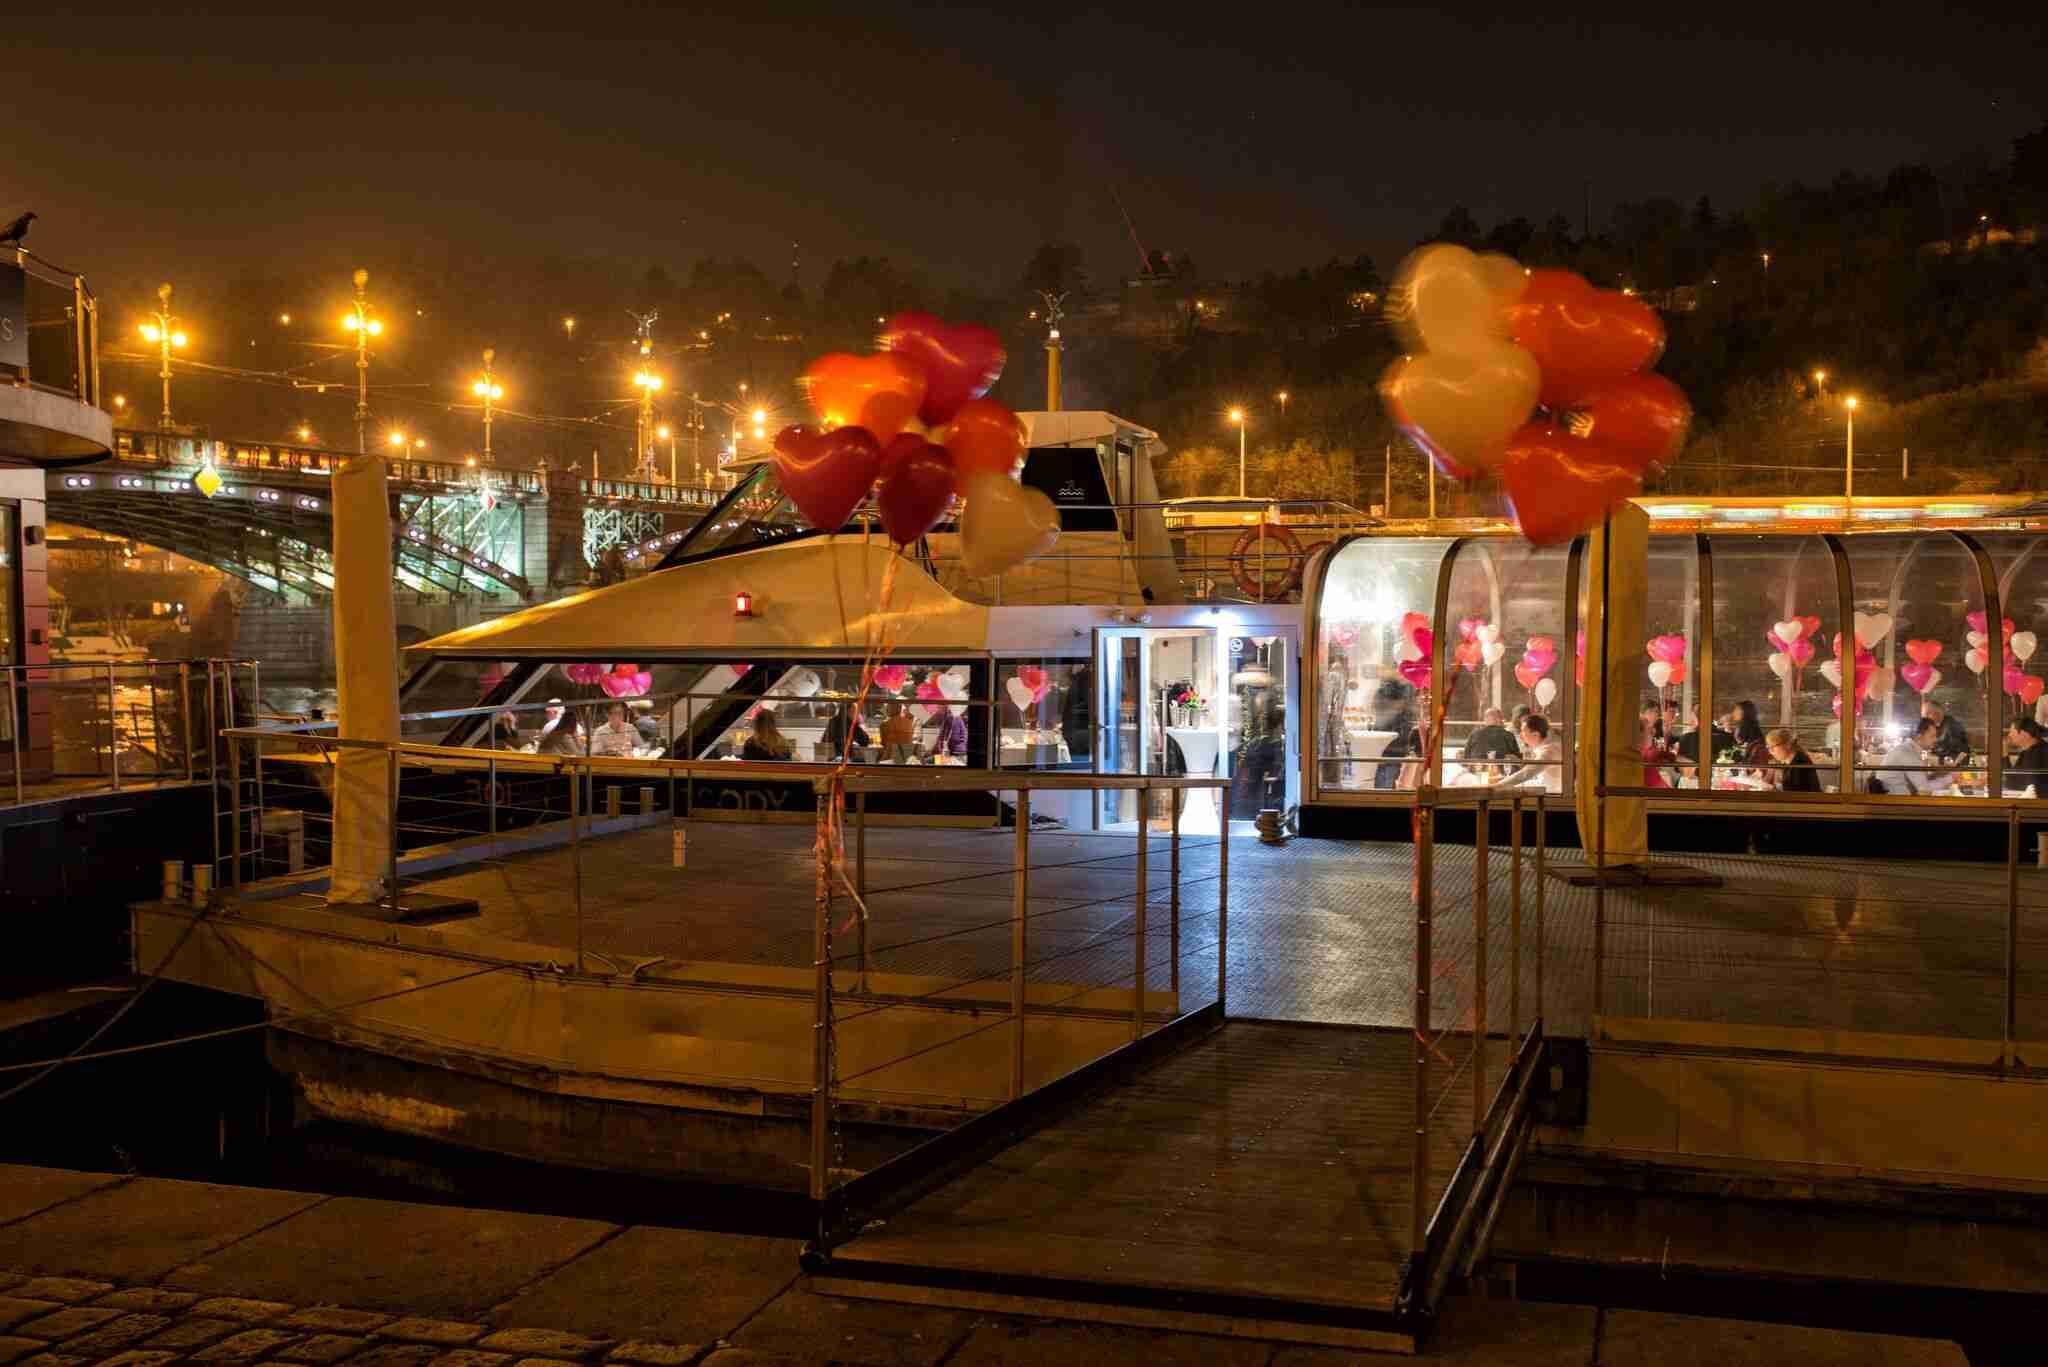 Soutěž o valentýnskou plavbu s večeří na lodi Bohemia Rhapsody - www.atlasceska.cz